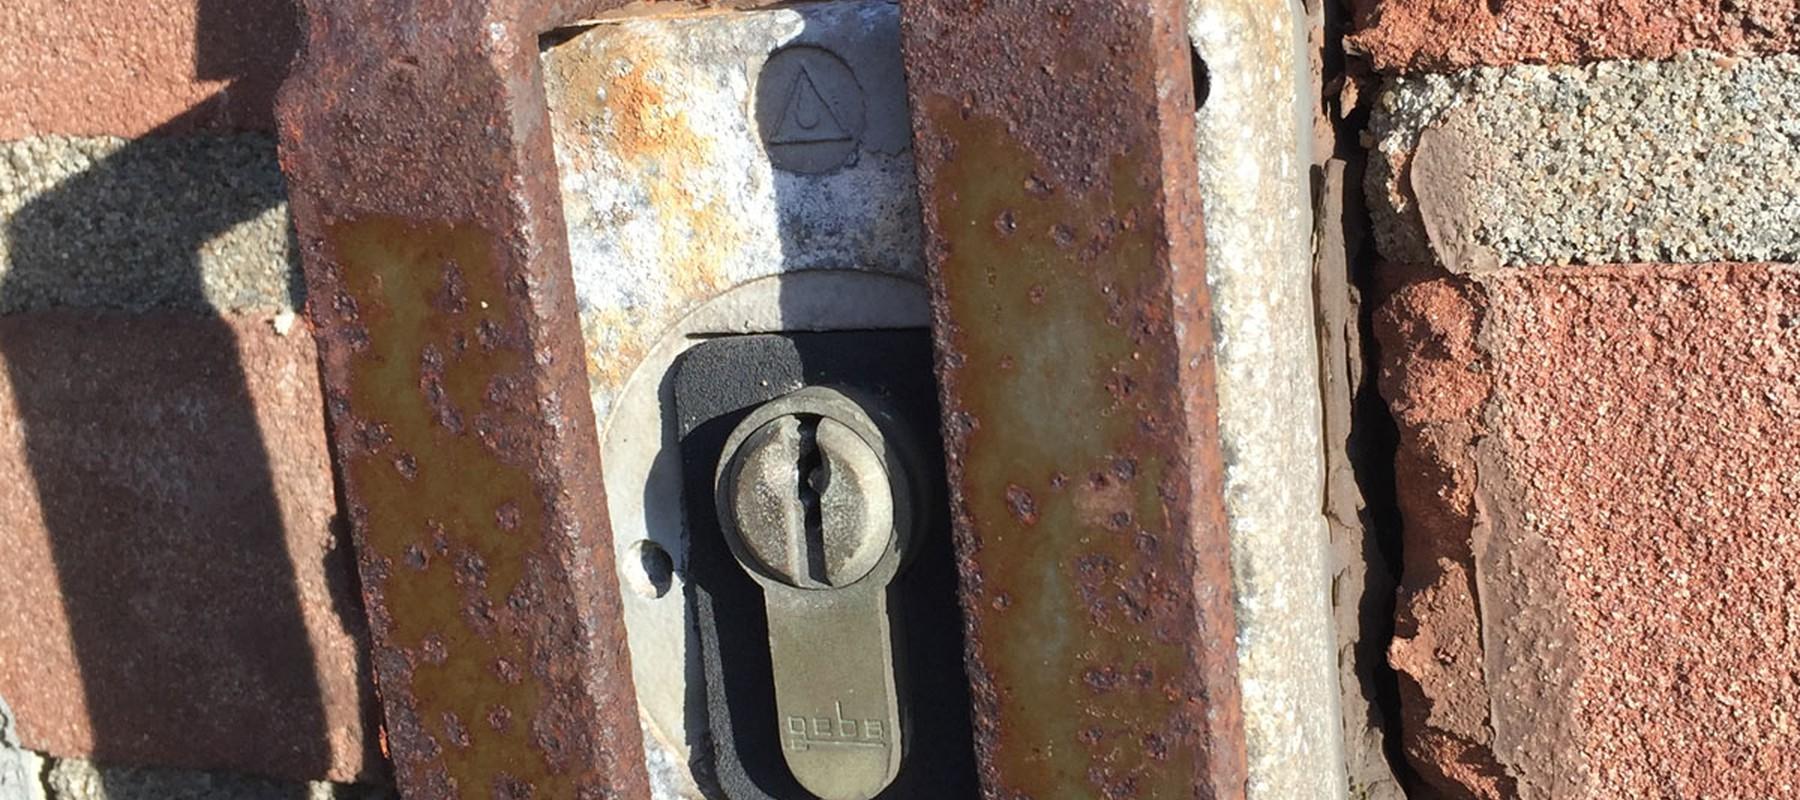 De sleutelschakelaar: de zwakke plek van uw inbraakbeveiliging?